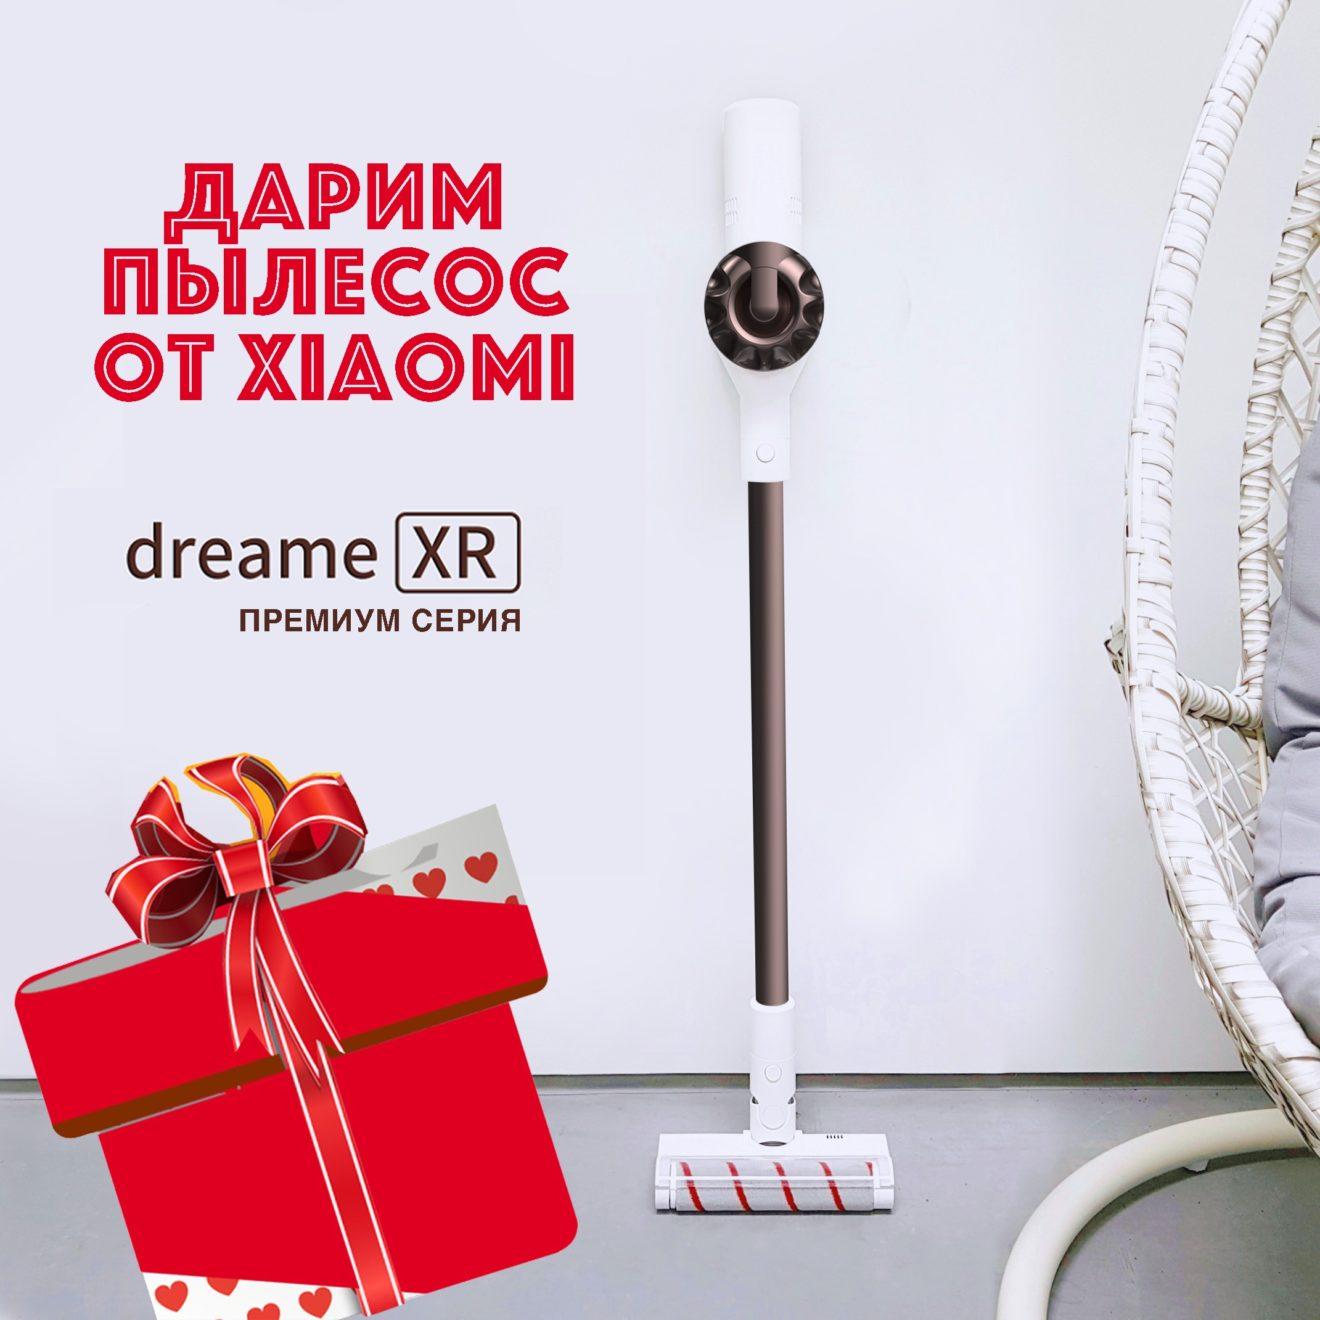 РОЗЫГРЫШ нового беспроводного пылесоса Dreame XR Premium от Xiaomi